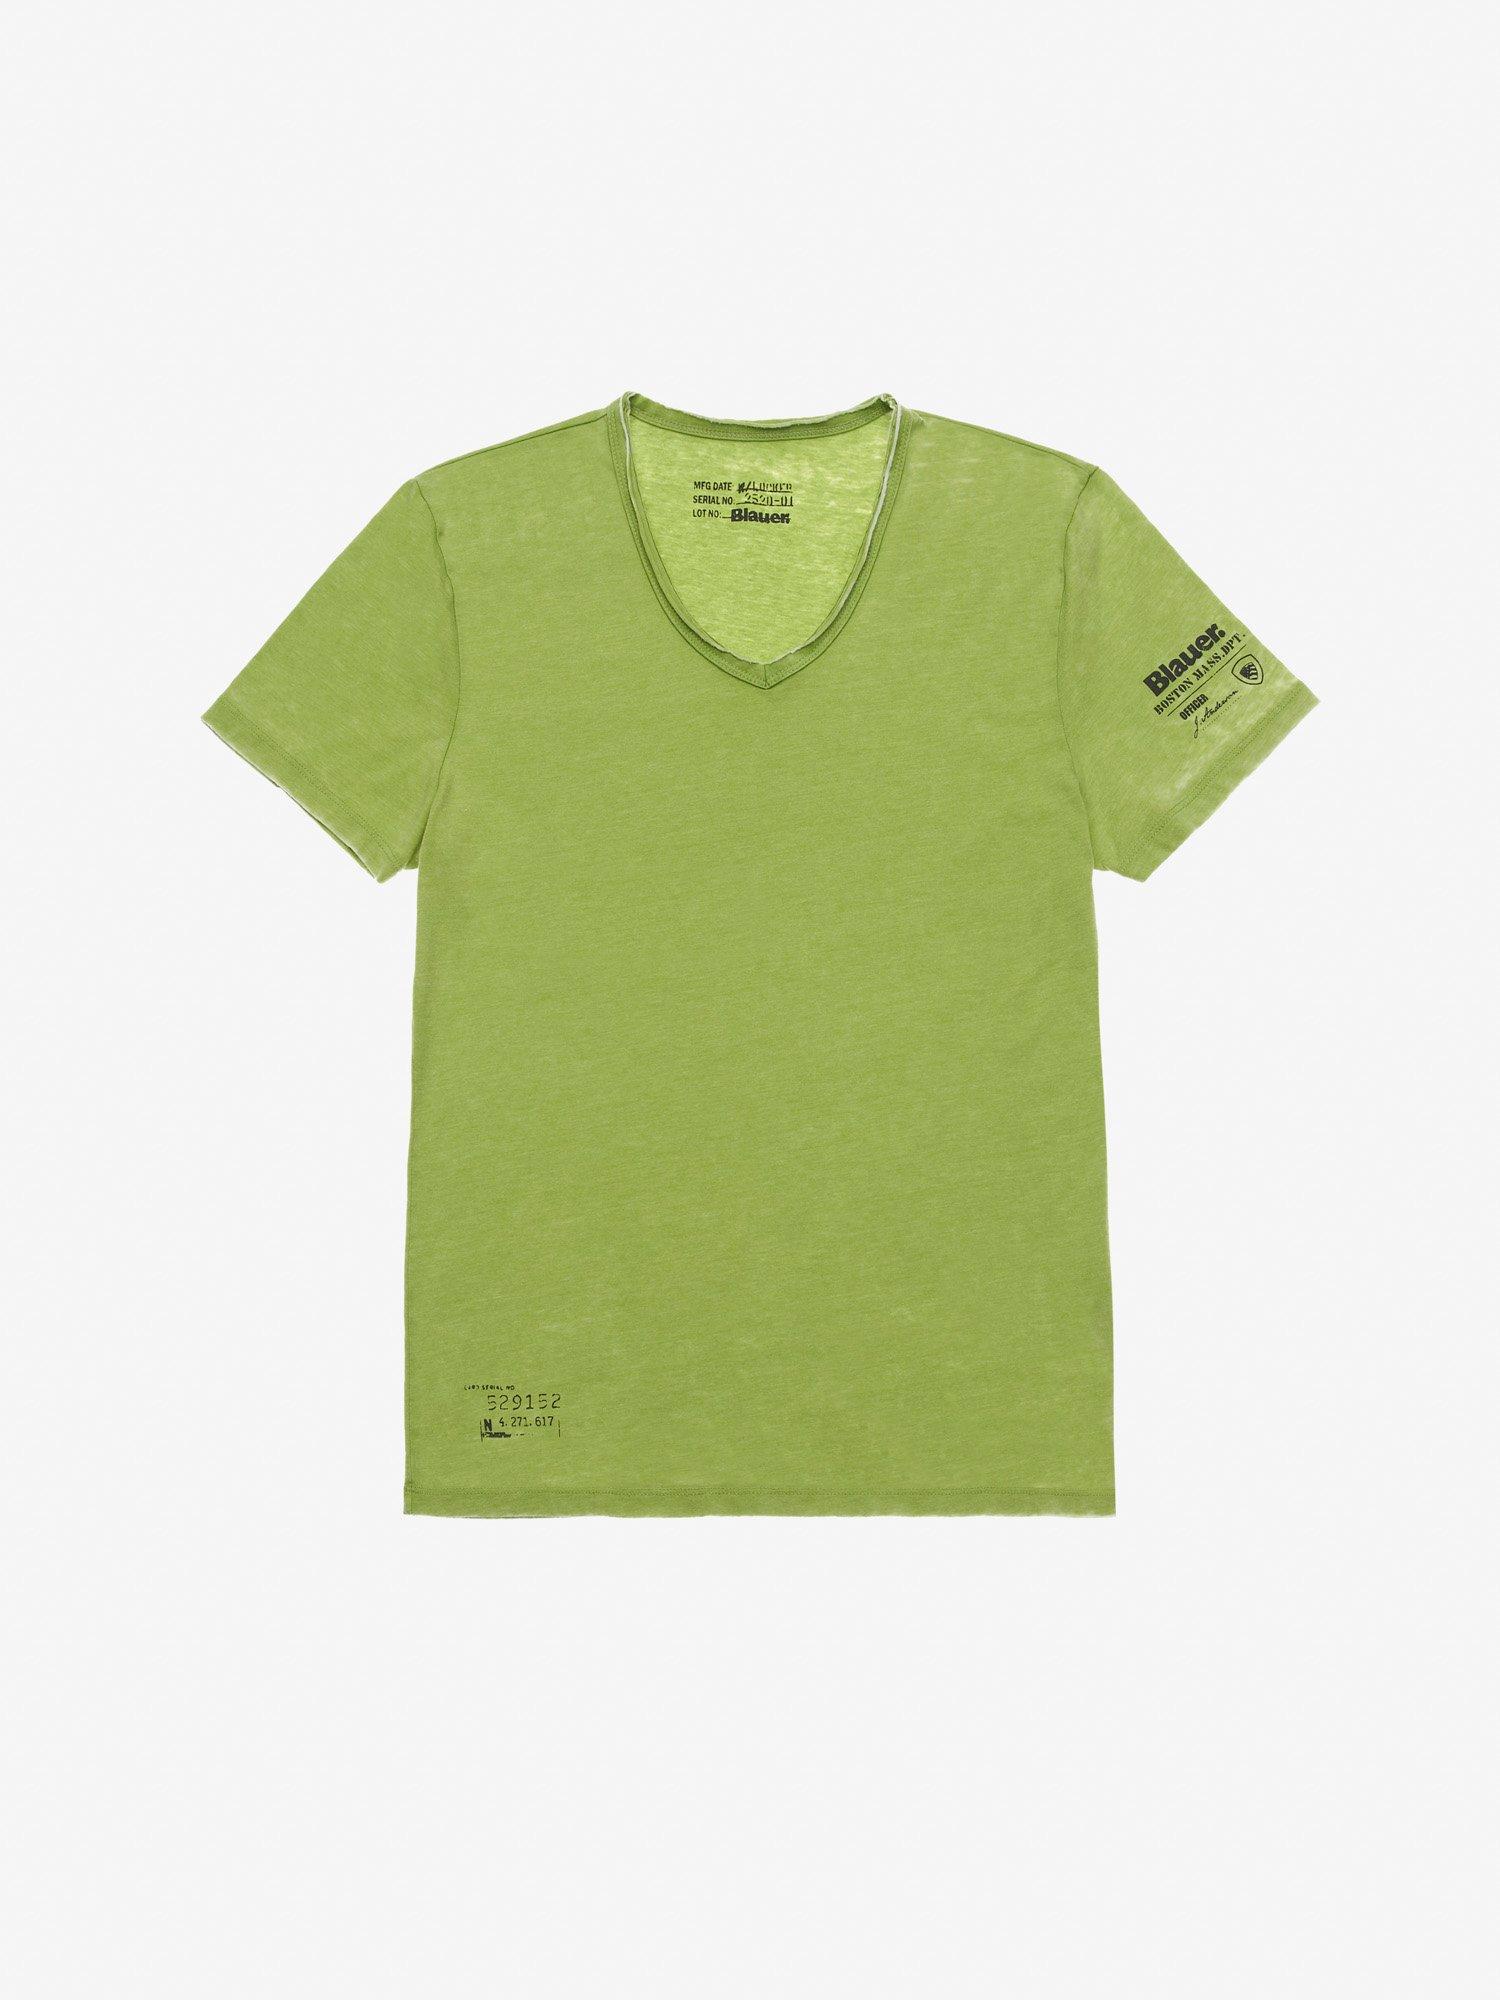 T Stile Blauer ® Acquista Uomo In OnlineUsa Shirt 3A54RLj